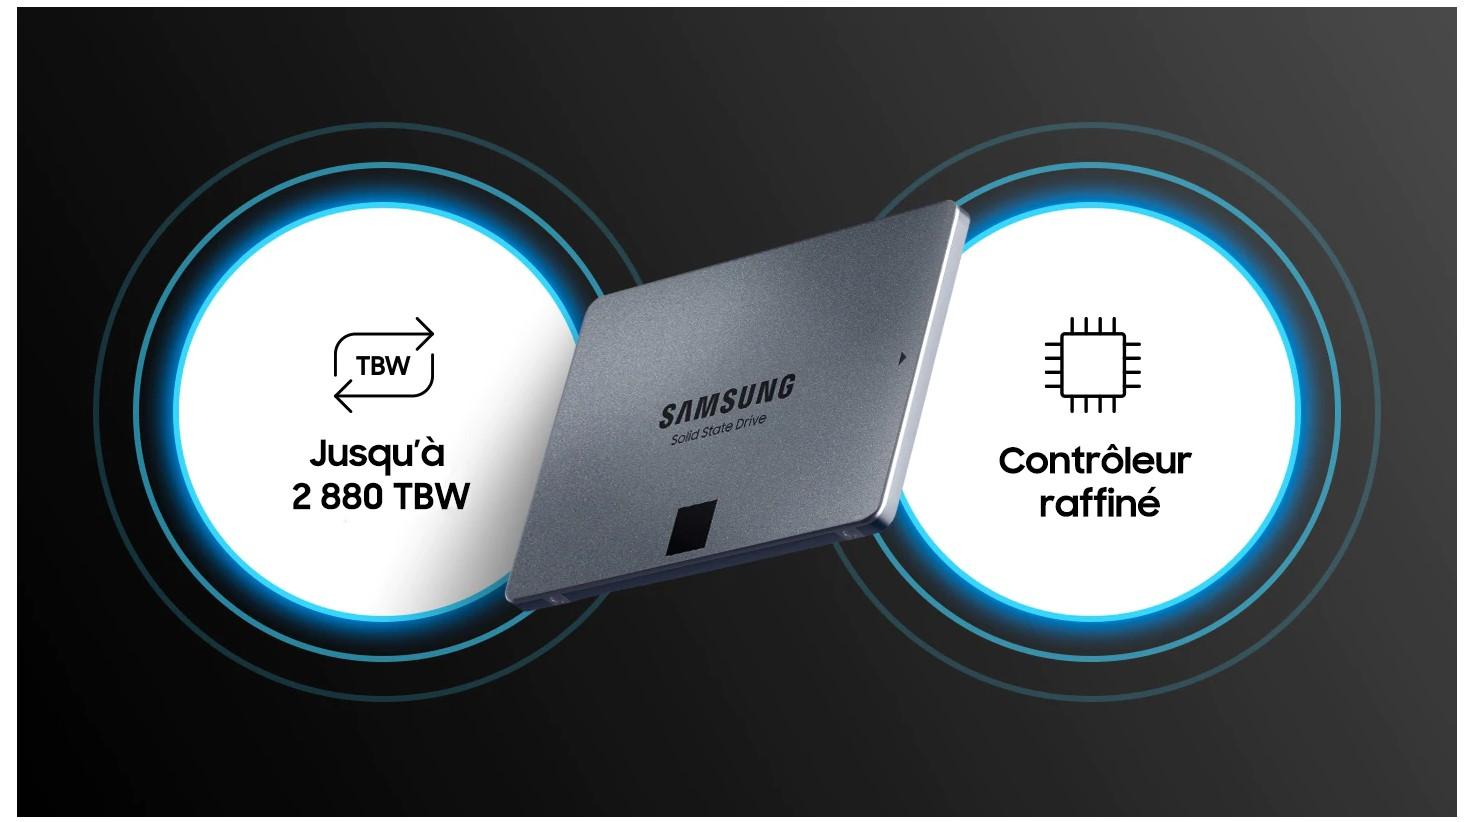 SamsungT7p2